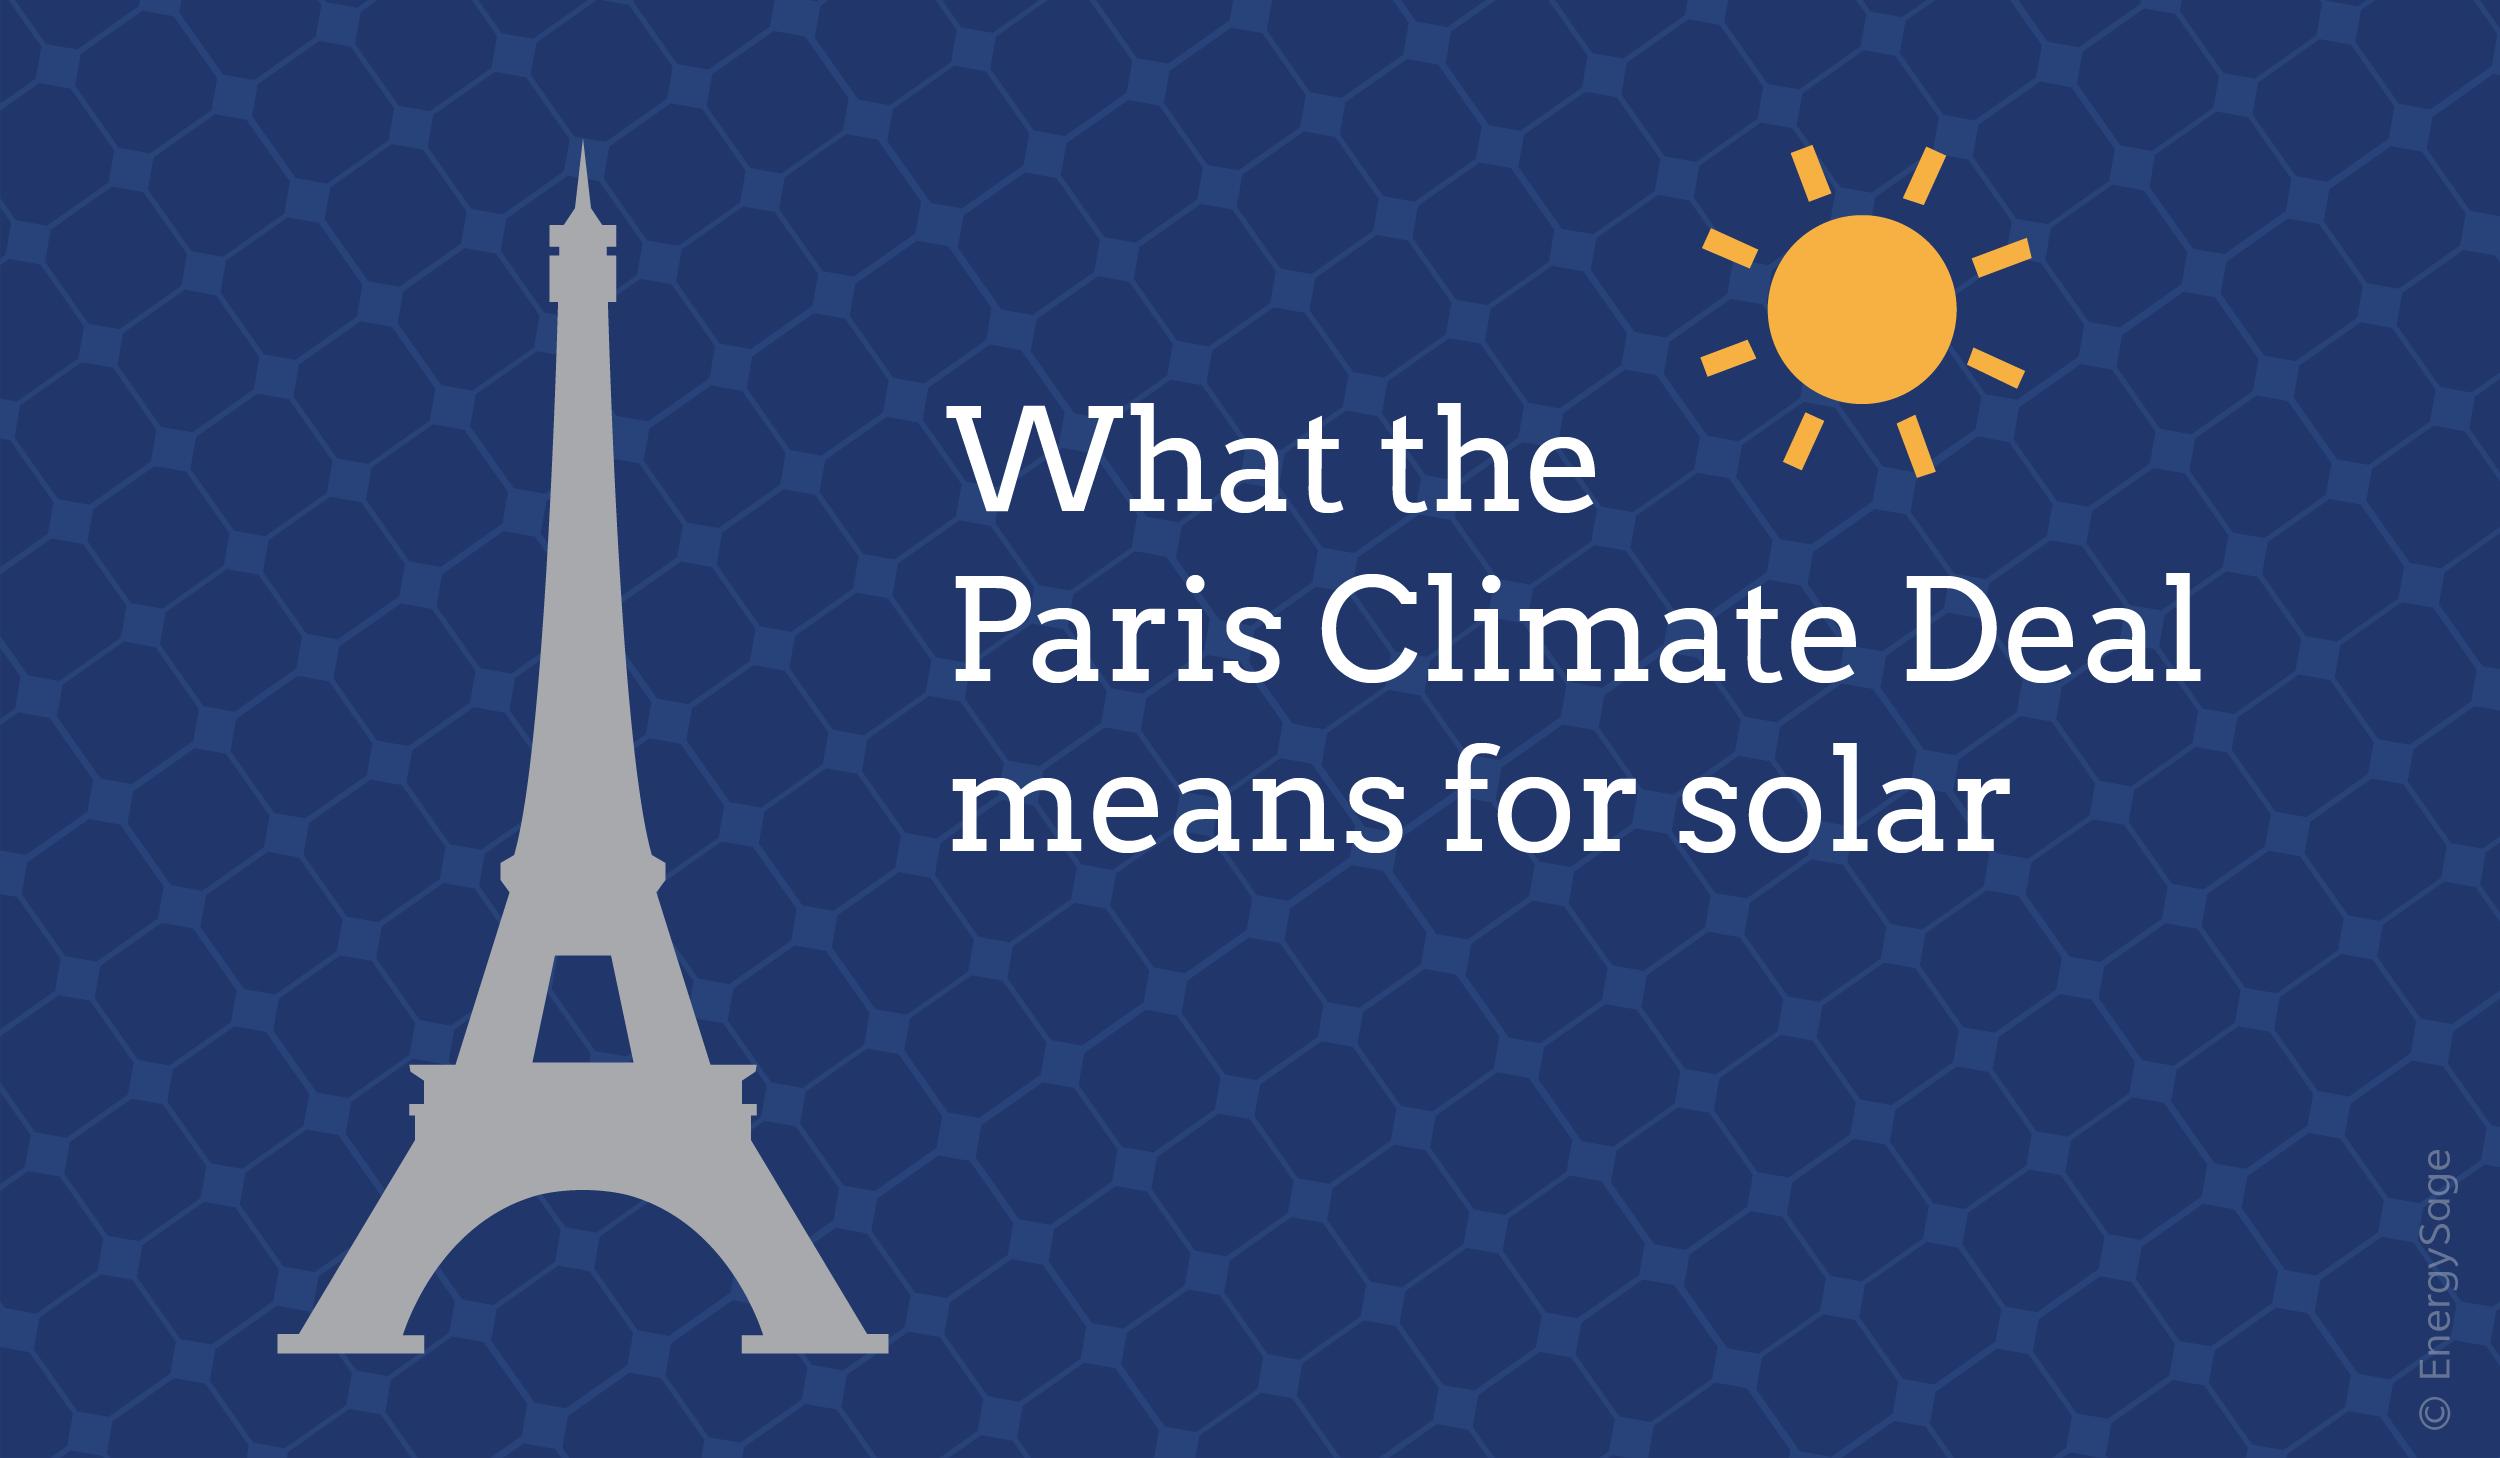 Paris climate deal solar